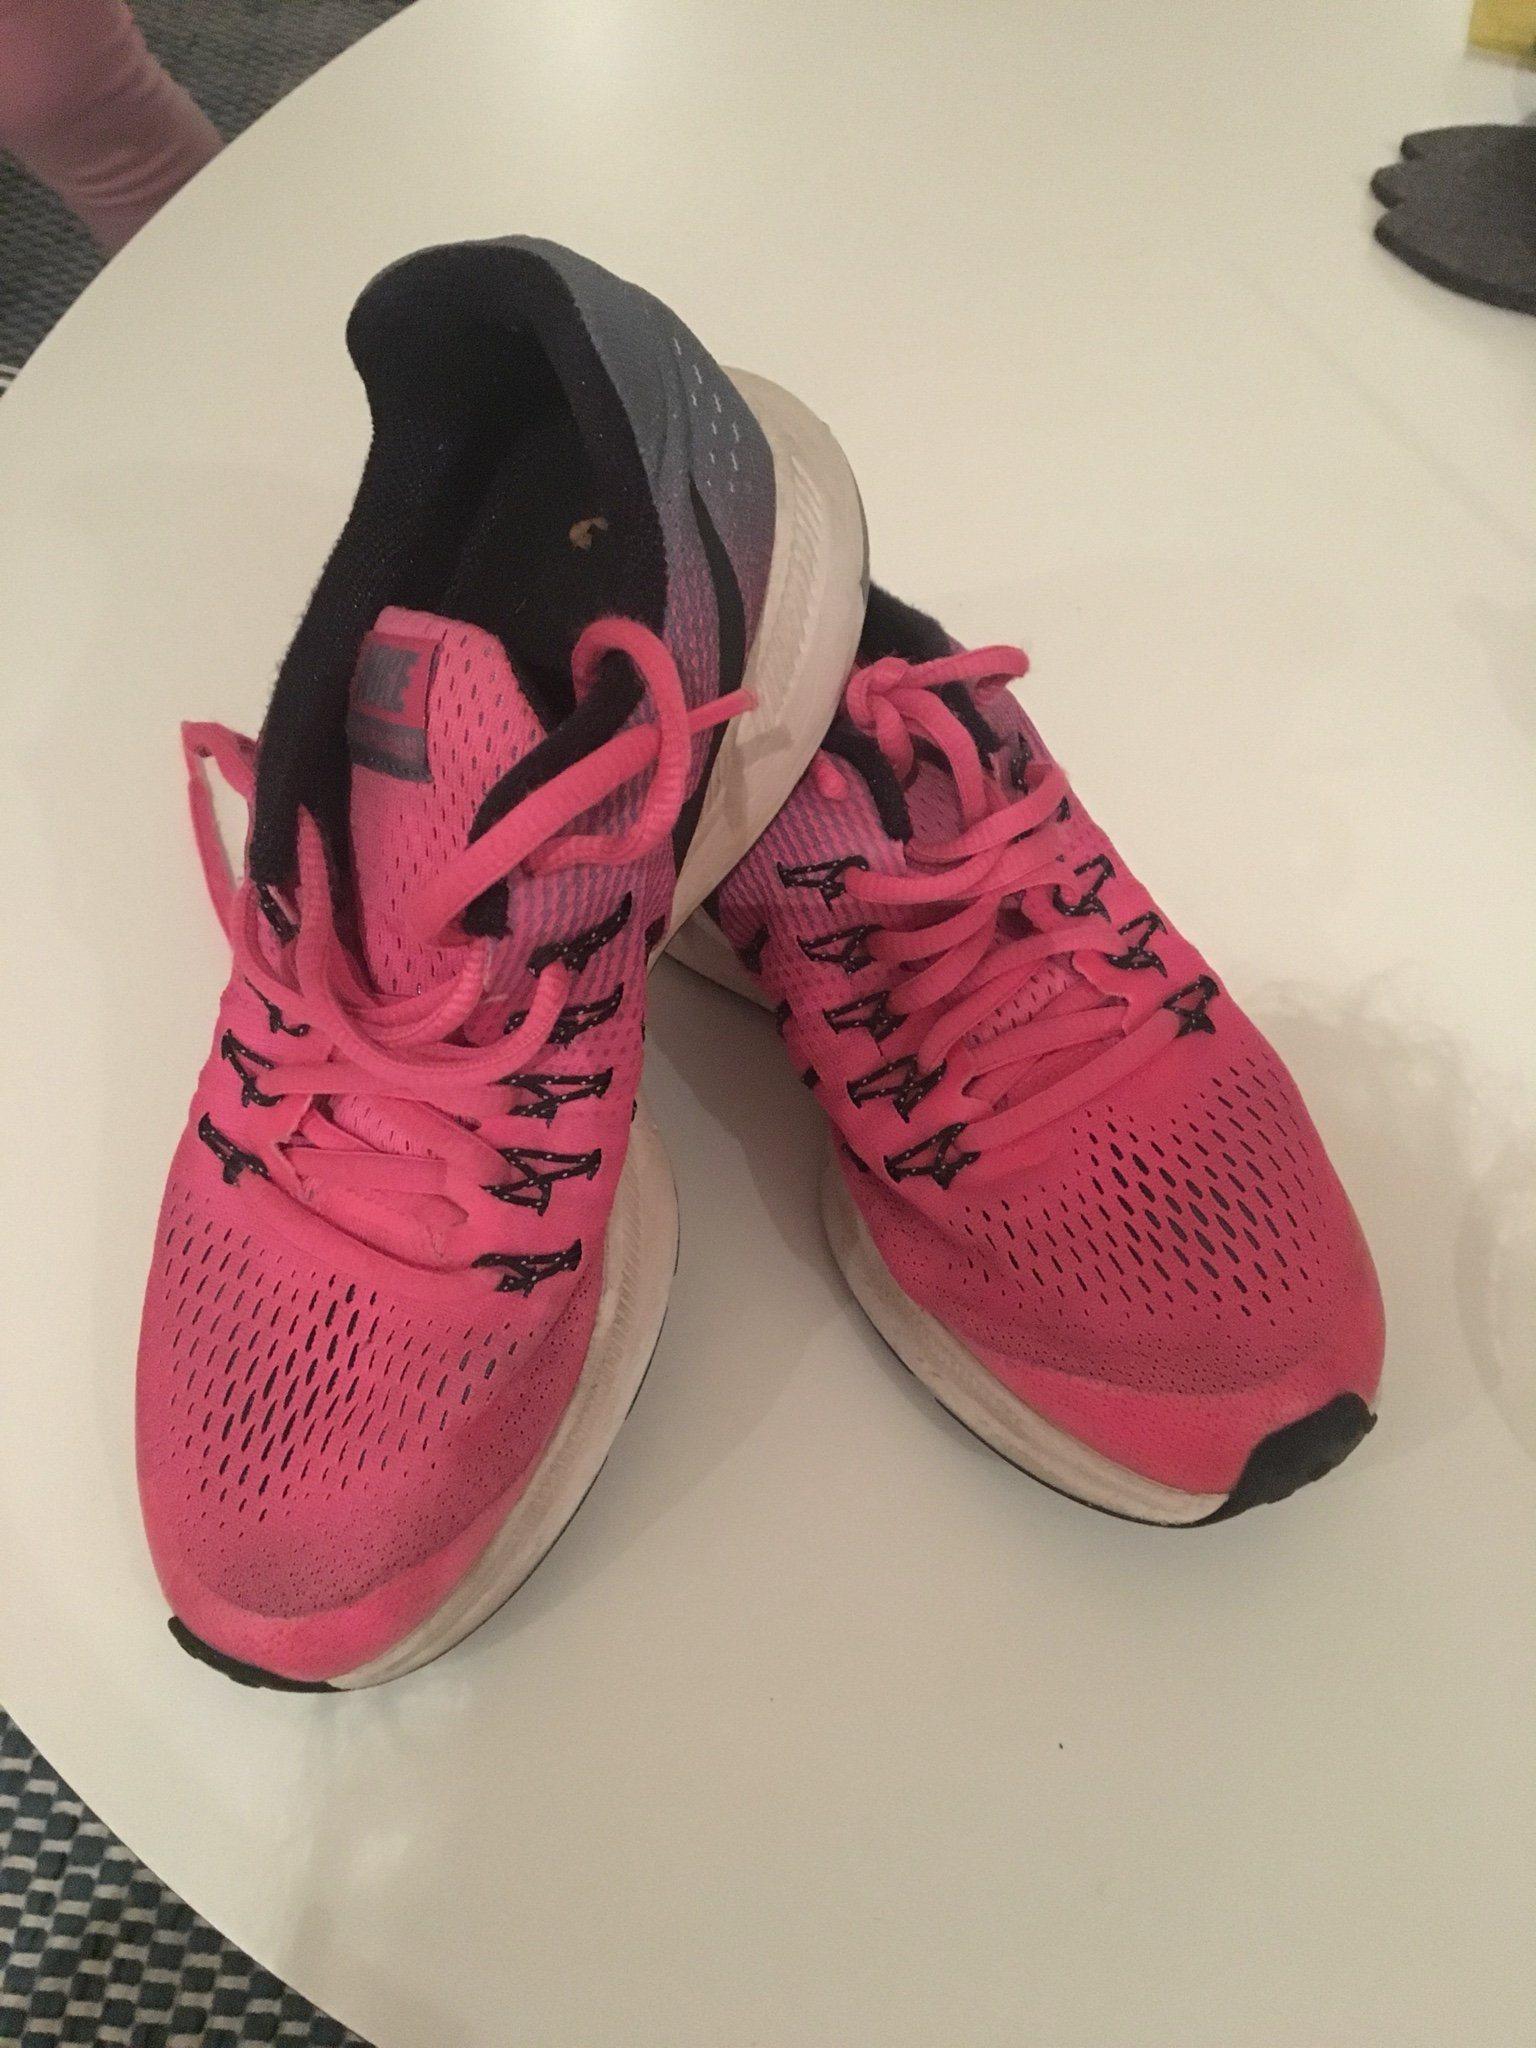 Nike skor strl 36,5 (346430027) ? K?p p? Tradera